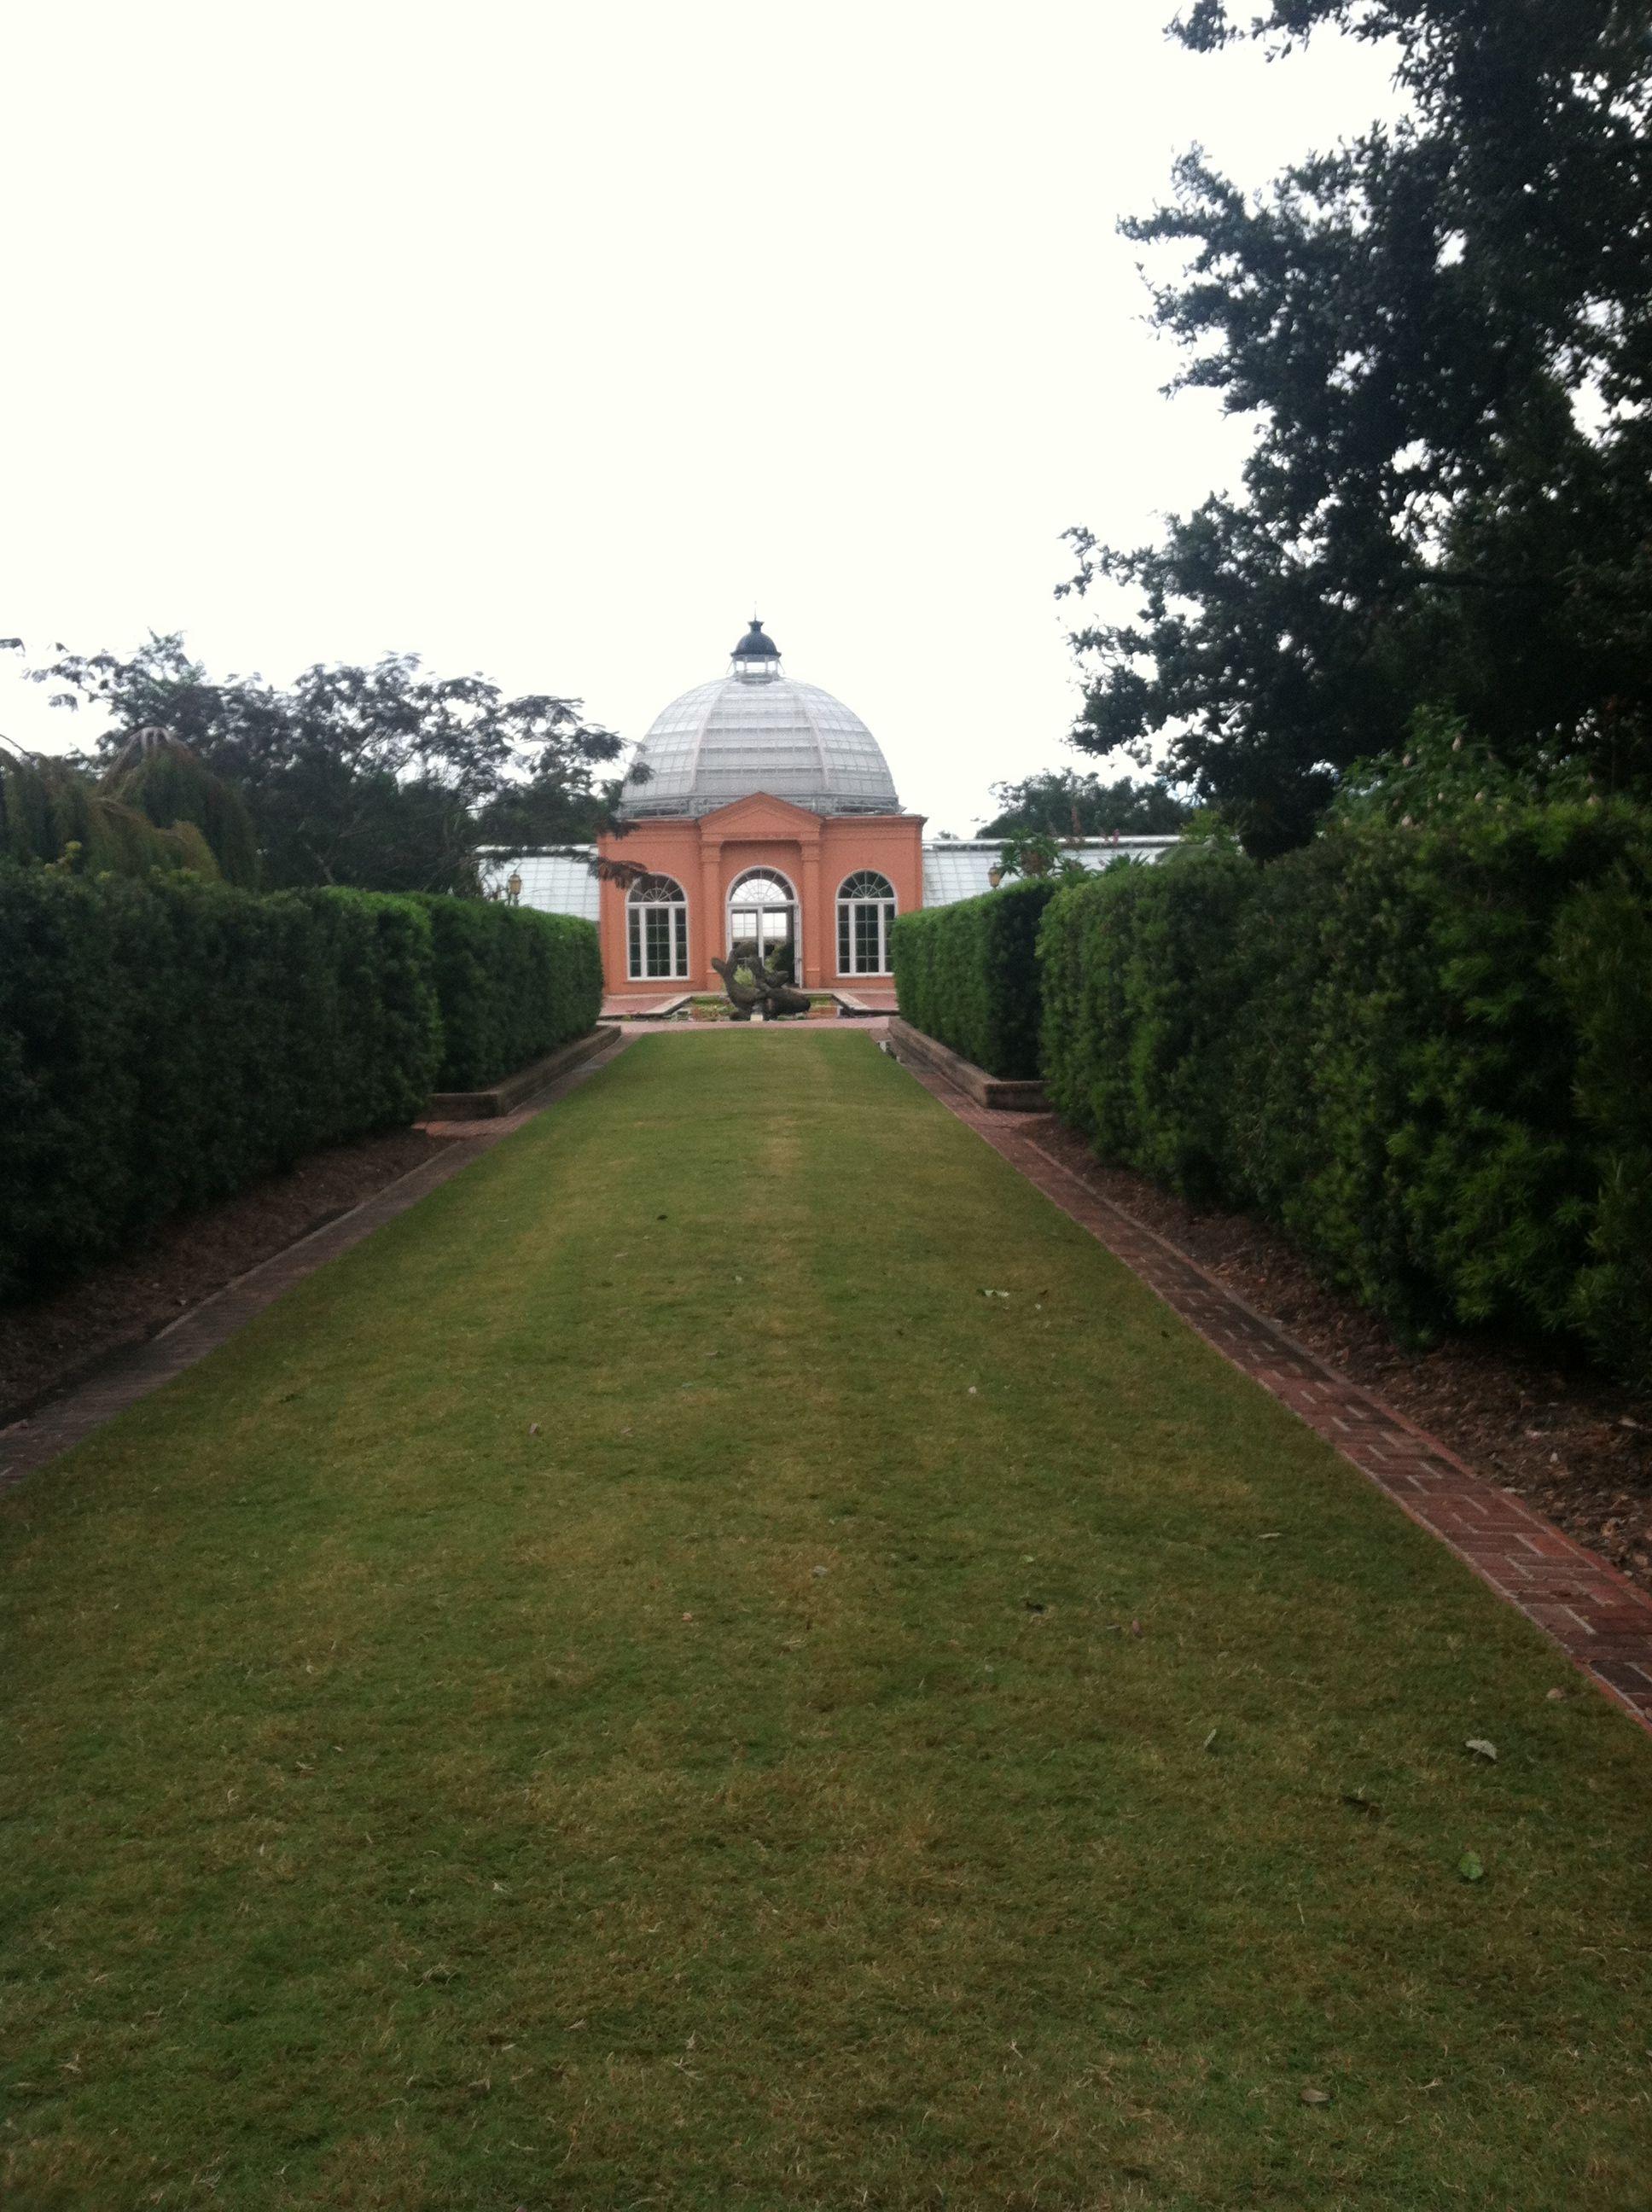 19729e0d8ccd9fcdc44f0beec99d614c - City Park Botanical Gardens Plant Sale